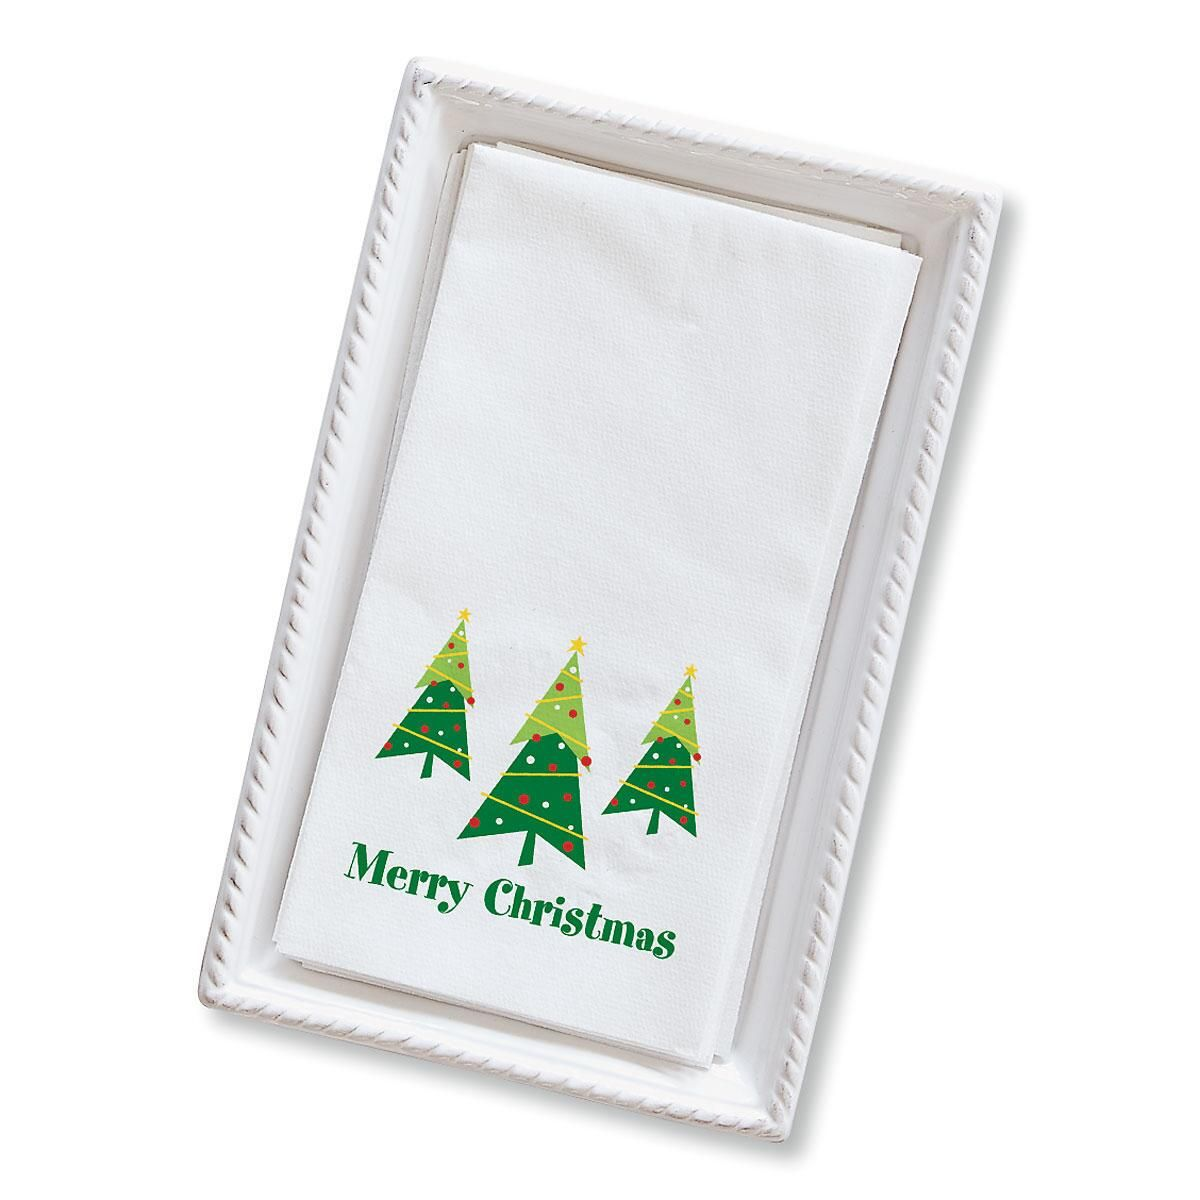 Antique White Ceramic Towel Holder